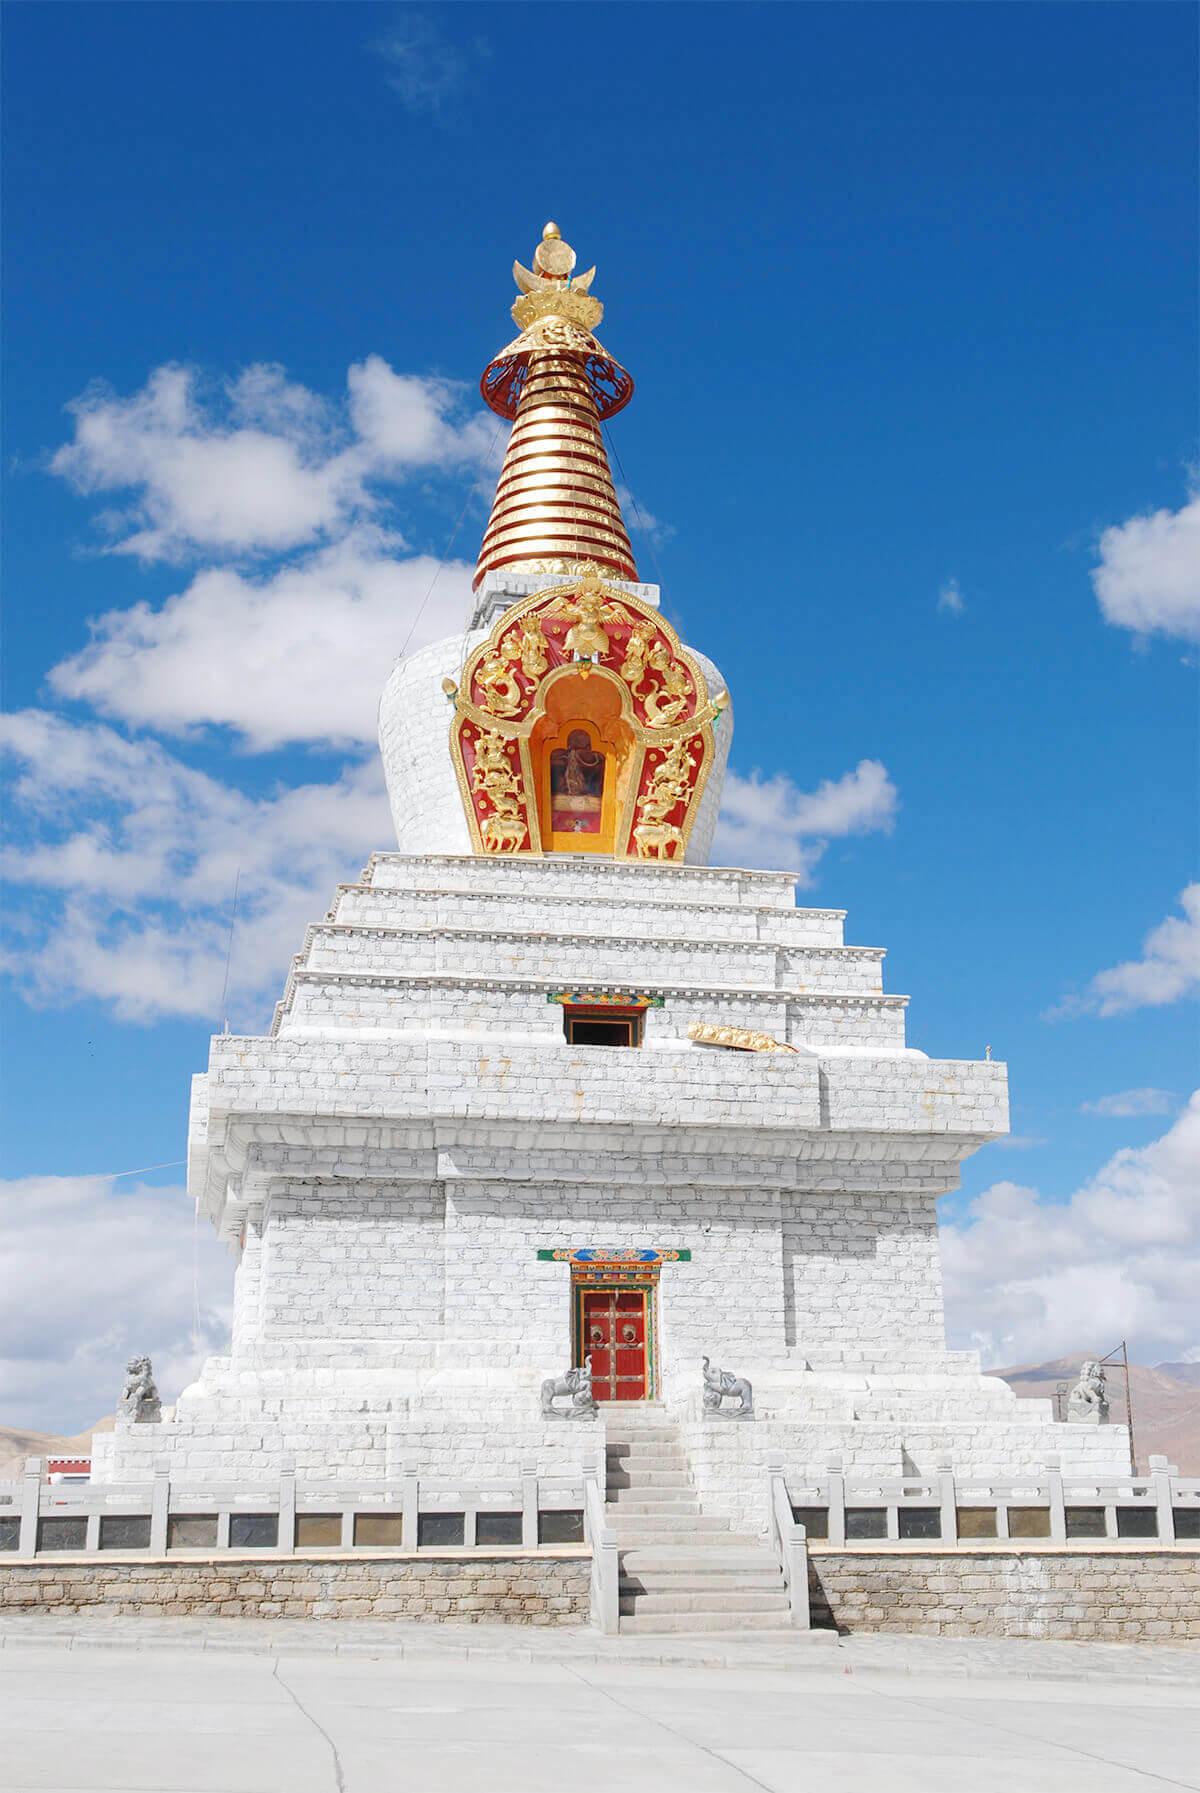 位於薩迦南寺外的大菩提塔,像一座璀璨燈塔,照耀大千世界。照片提供:賈文勝